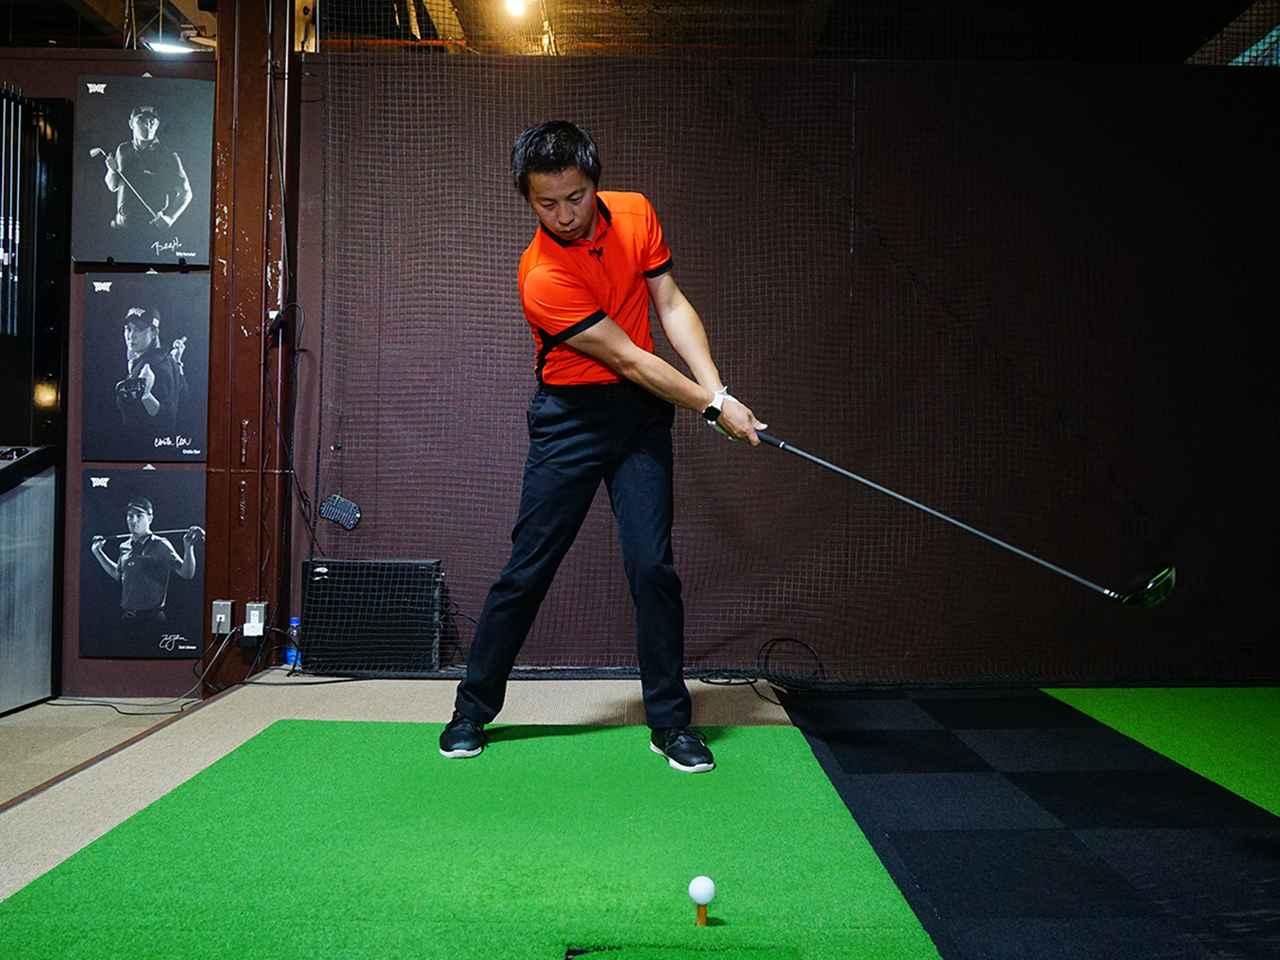 画像: べた足でスウィングすることで効率的にボールにエネルギーを伝えることができる